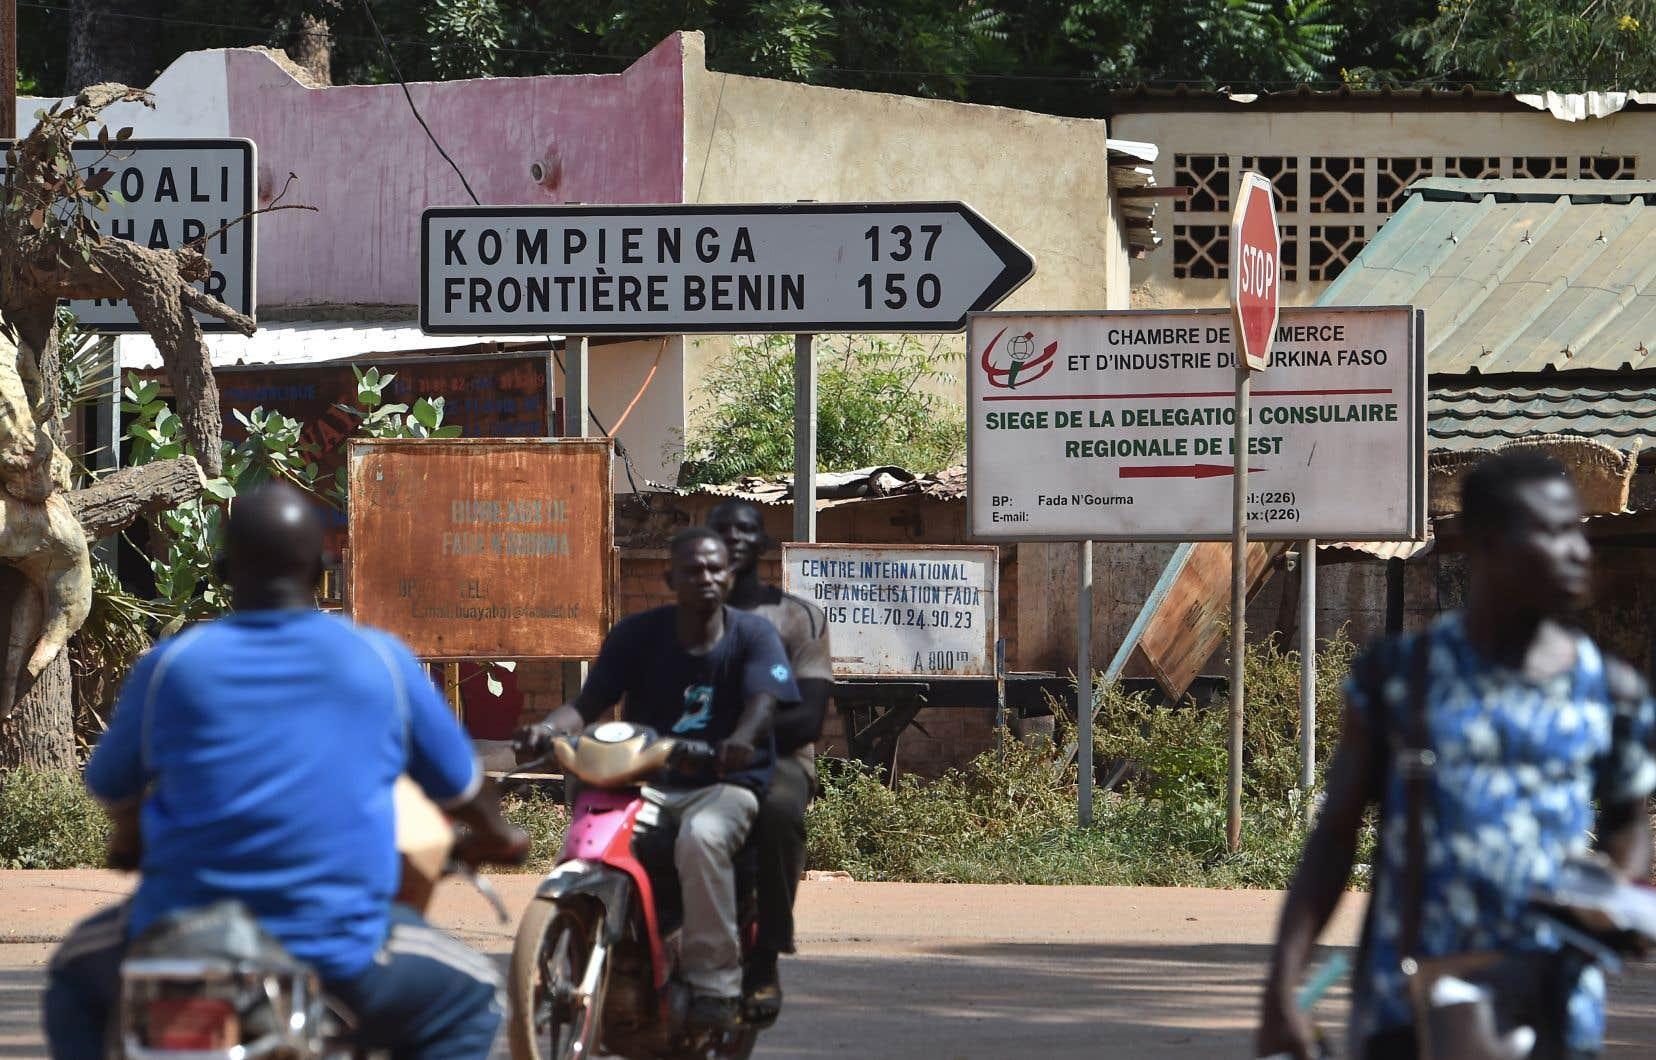 Depuis quatre ans, les attaques attribuées à des groupes djihadistes au Burkina Faso ont fait plus de 400 morts.